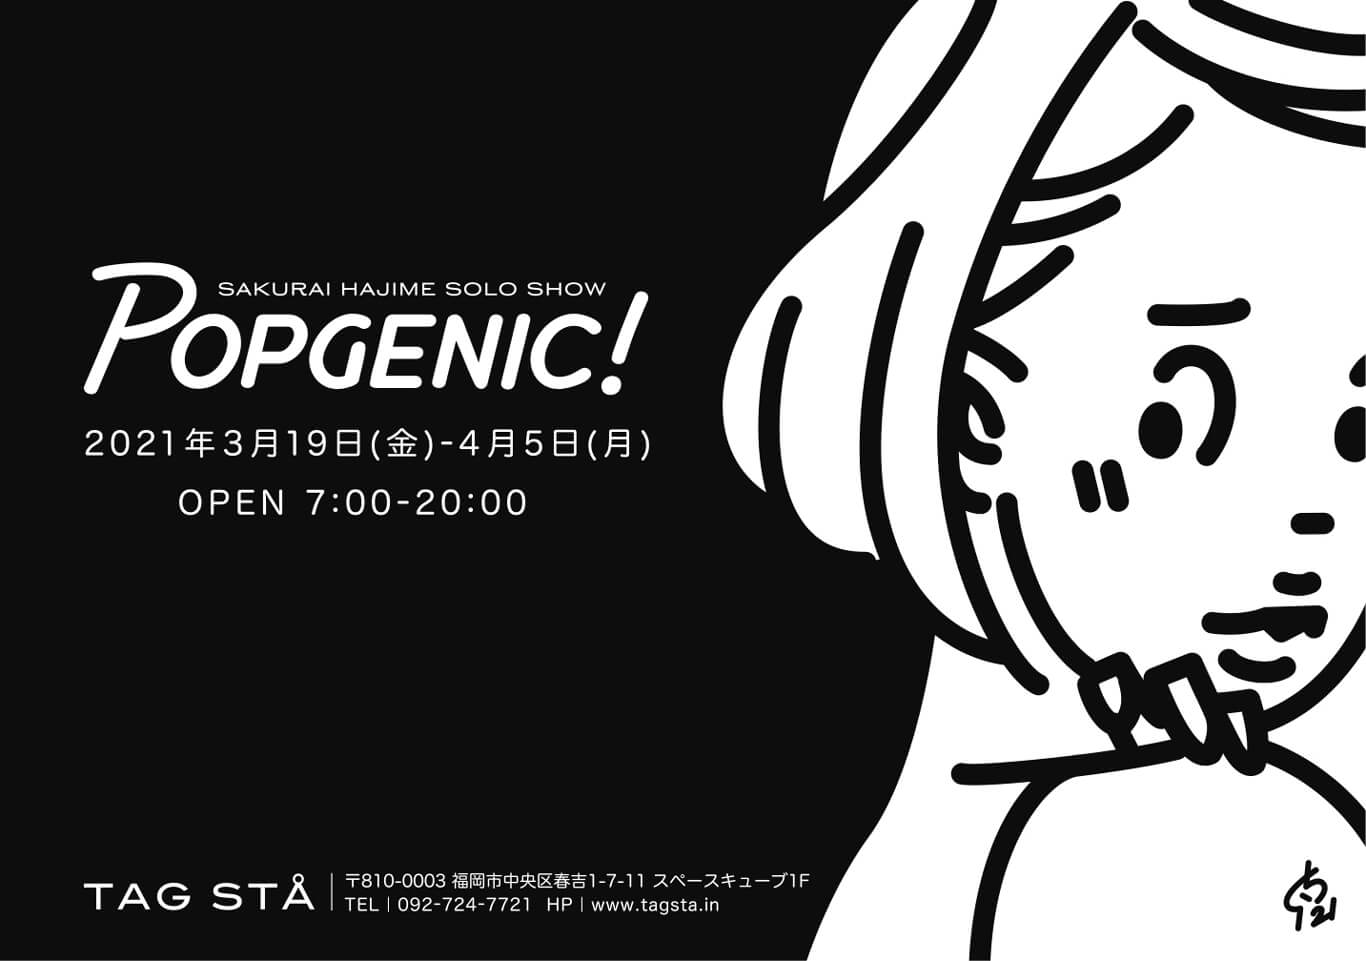 tagsta-202103-さくらいはじめ個展